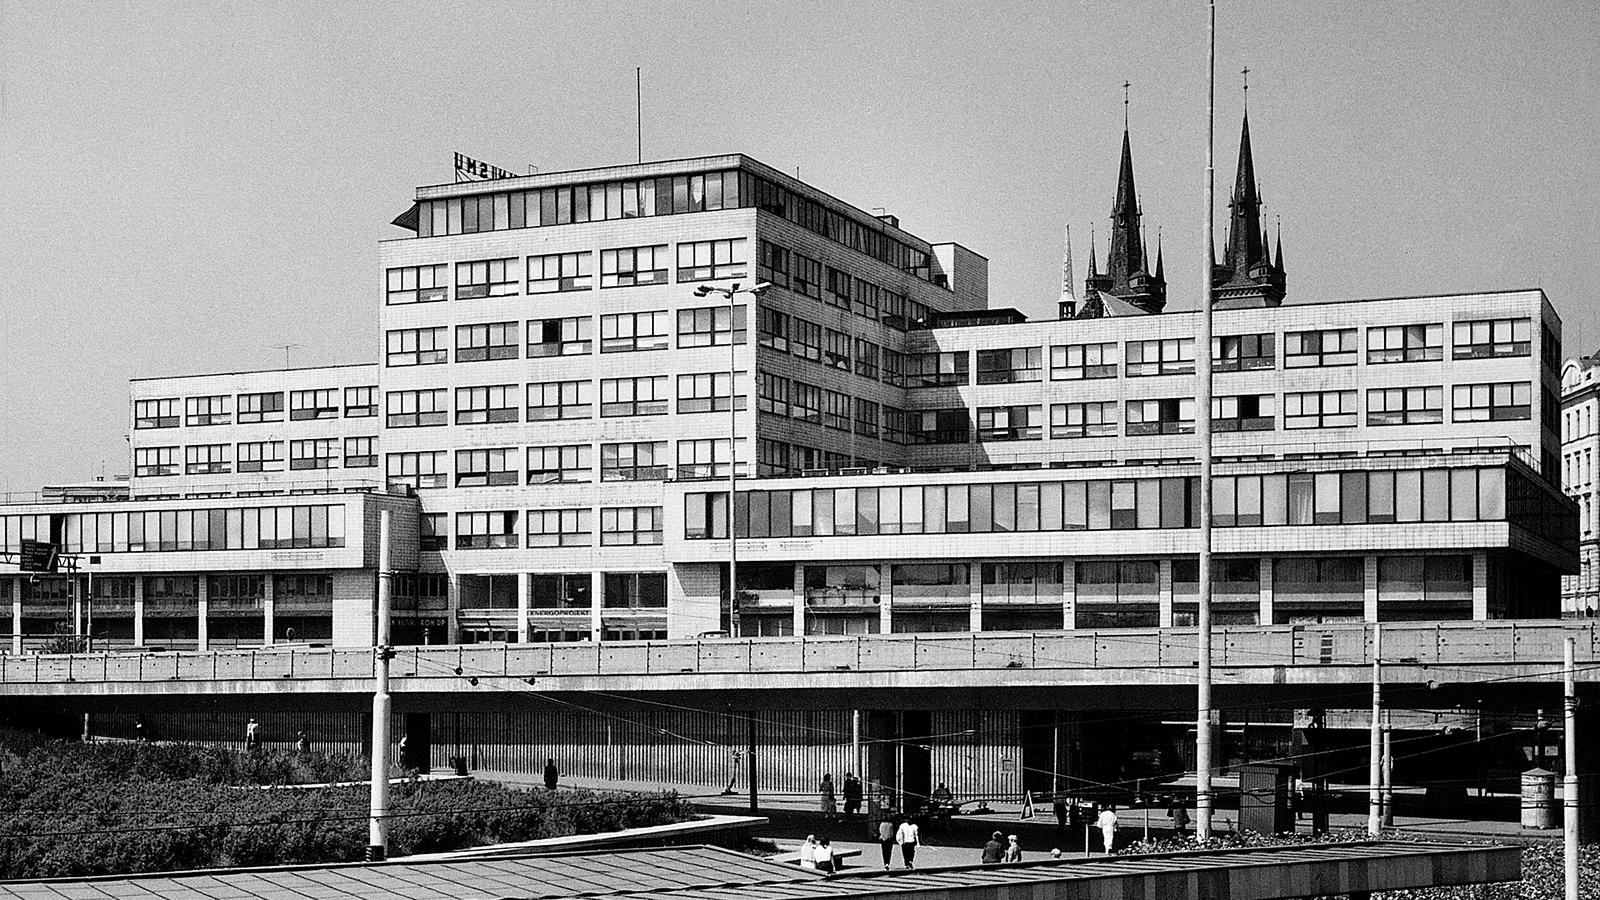 Budova Elektrických podniků v Praze-Holešovicích